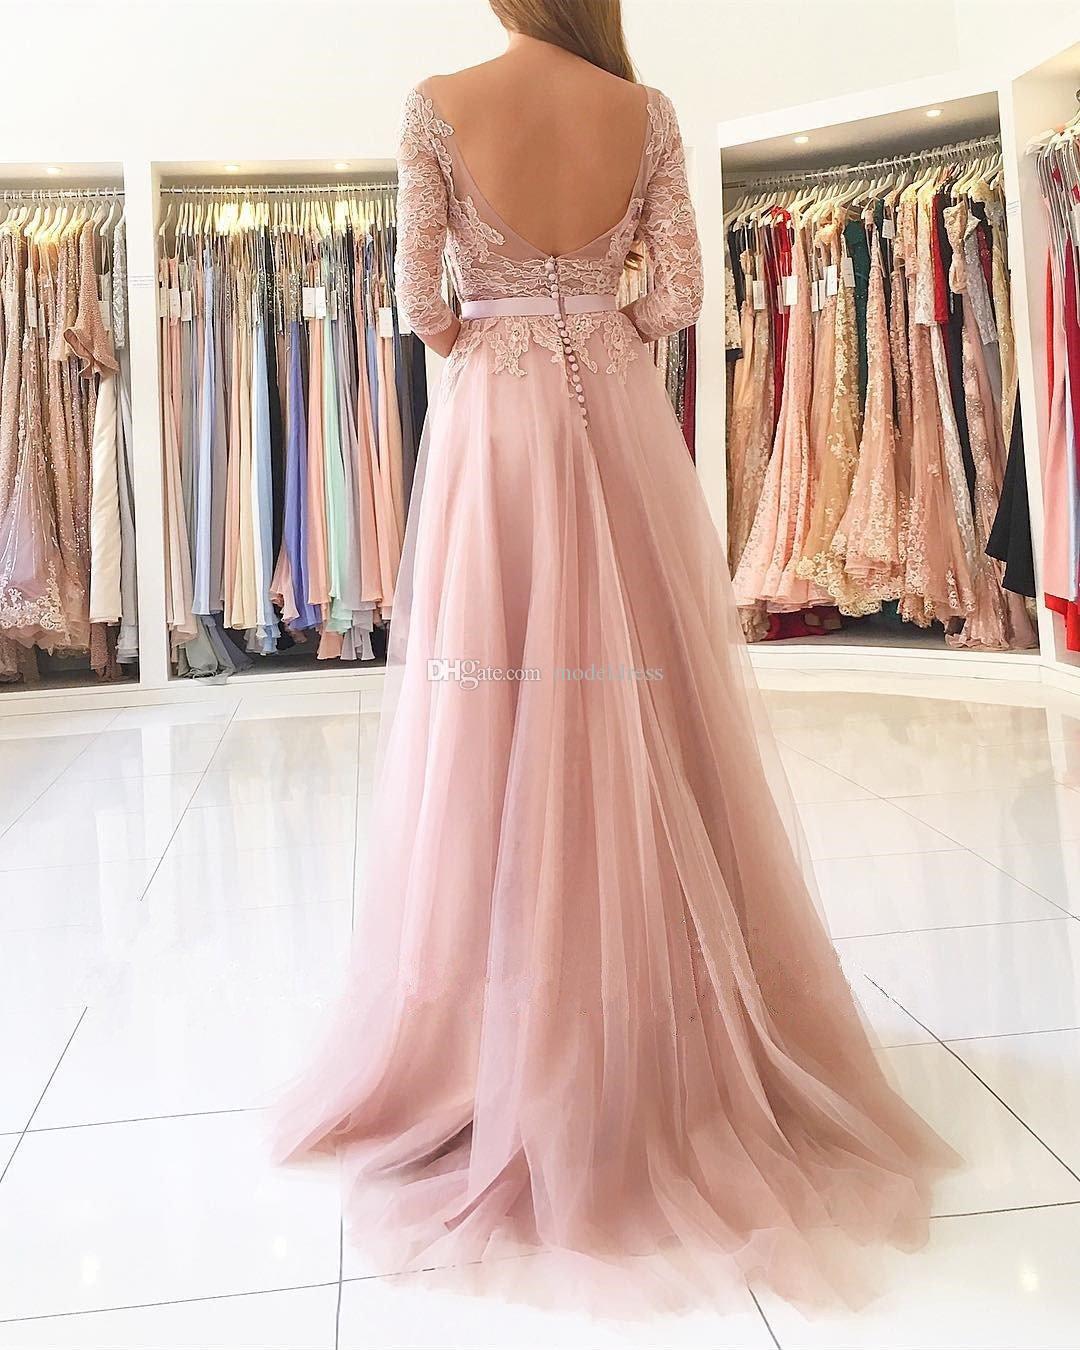 Румяна розовый Сплит длинные платья подружек невесты 2020 Sheer шеи 3/4 длинные рукава аппликации кружева фрейлина страна свадебные платья для гостей дешевые